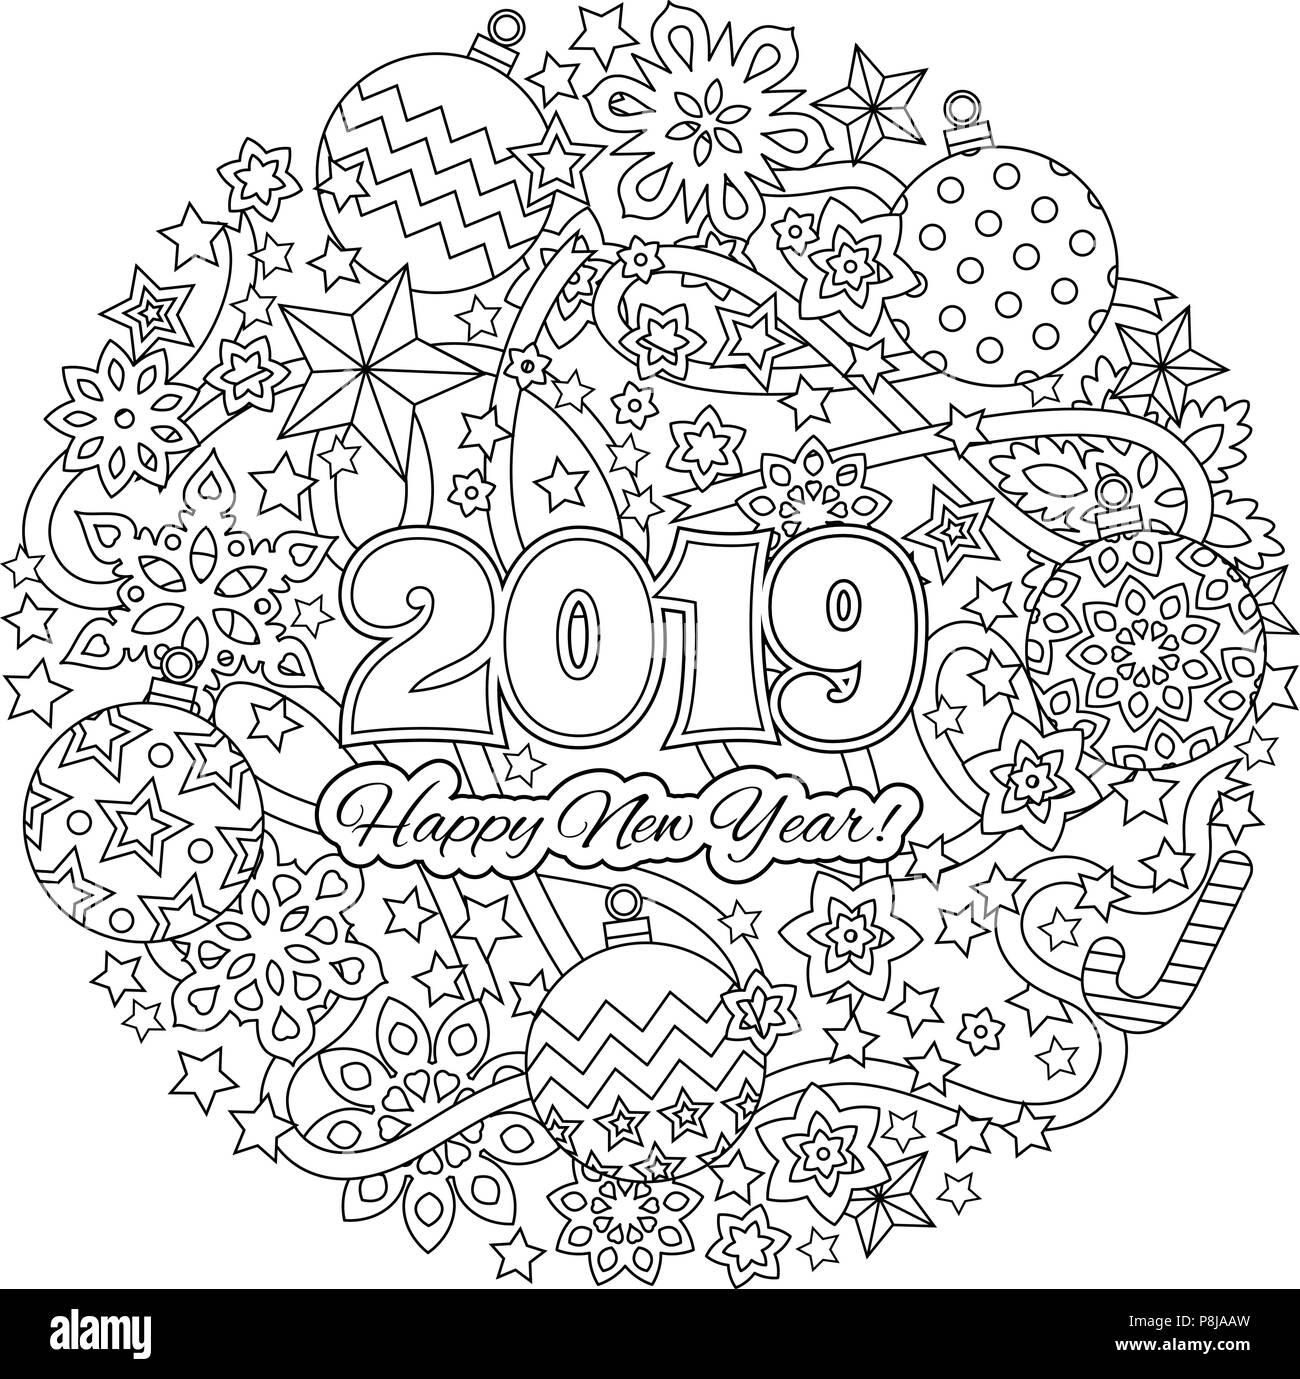 Nouvelle année carte de félicitations avec les chiffres 2018 sur fond des vacances d'hiver. Mandala de Noël. Livre de coloriage antistress pour les adultes. Illustration de Vecteur